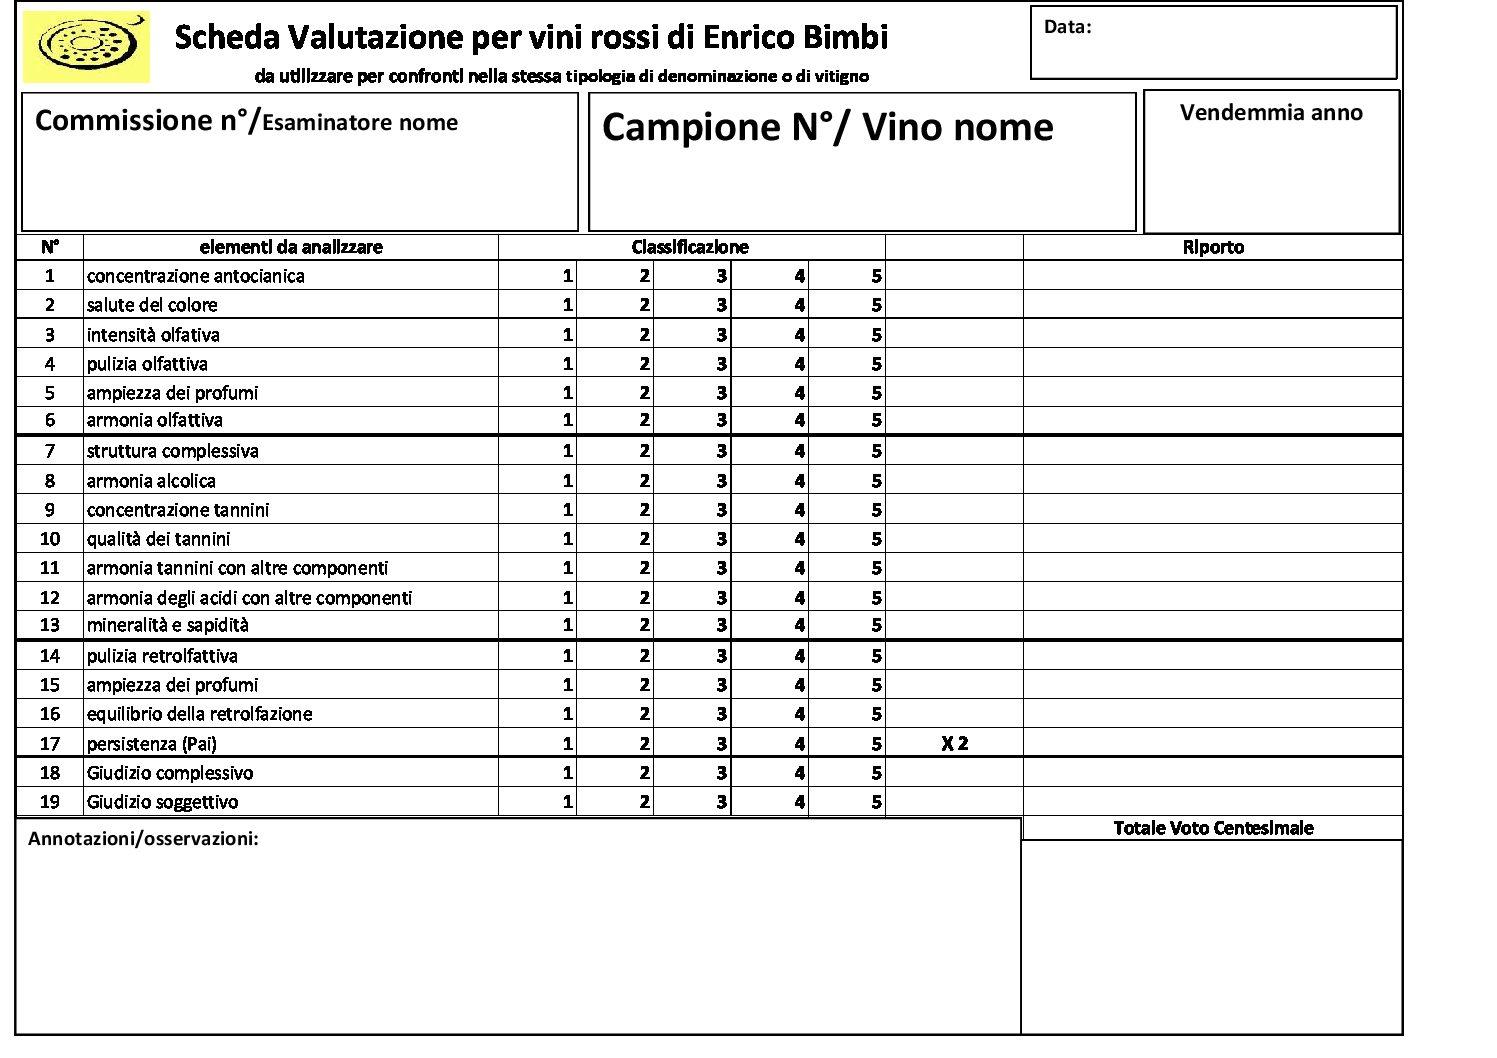 Scheda Valutazione per vini rossi